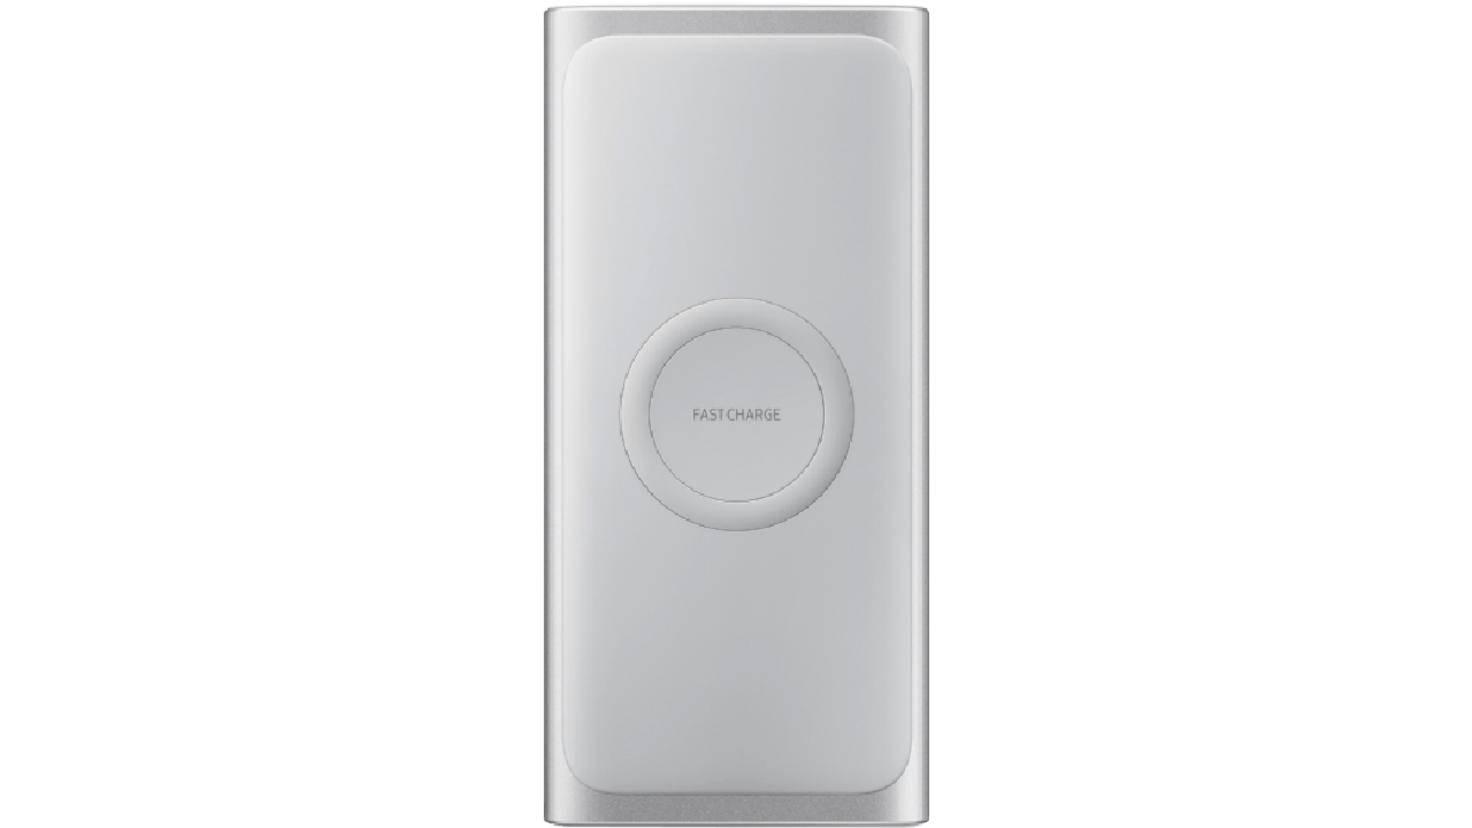 Samsung EB-U1200CSEGWW